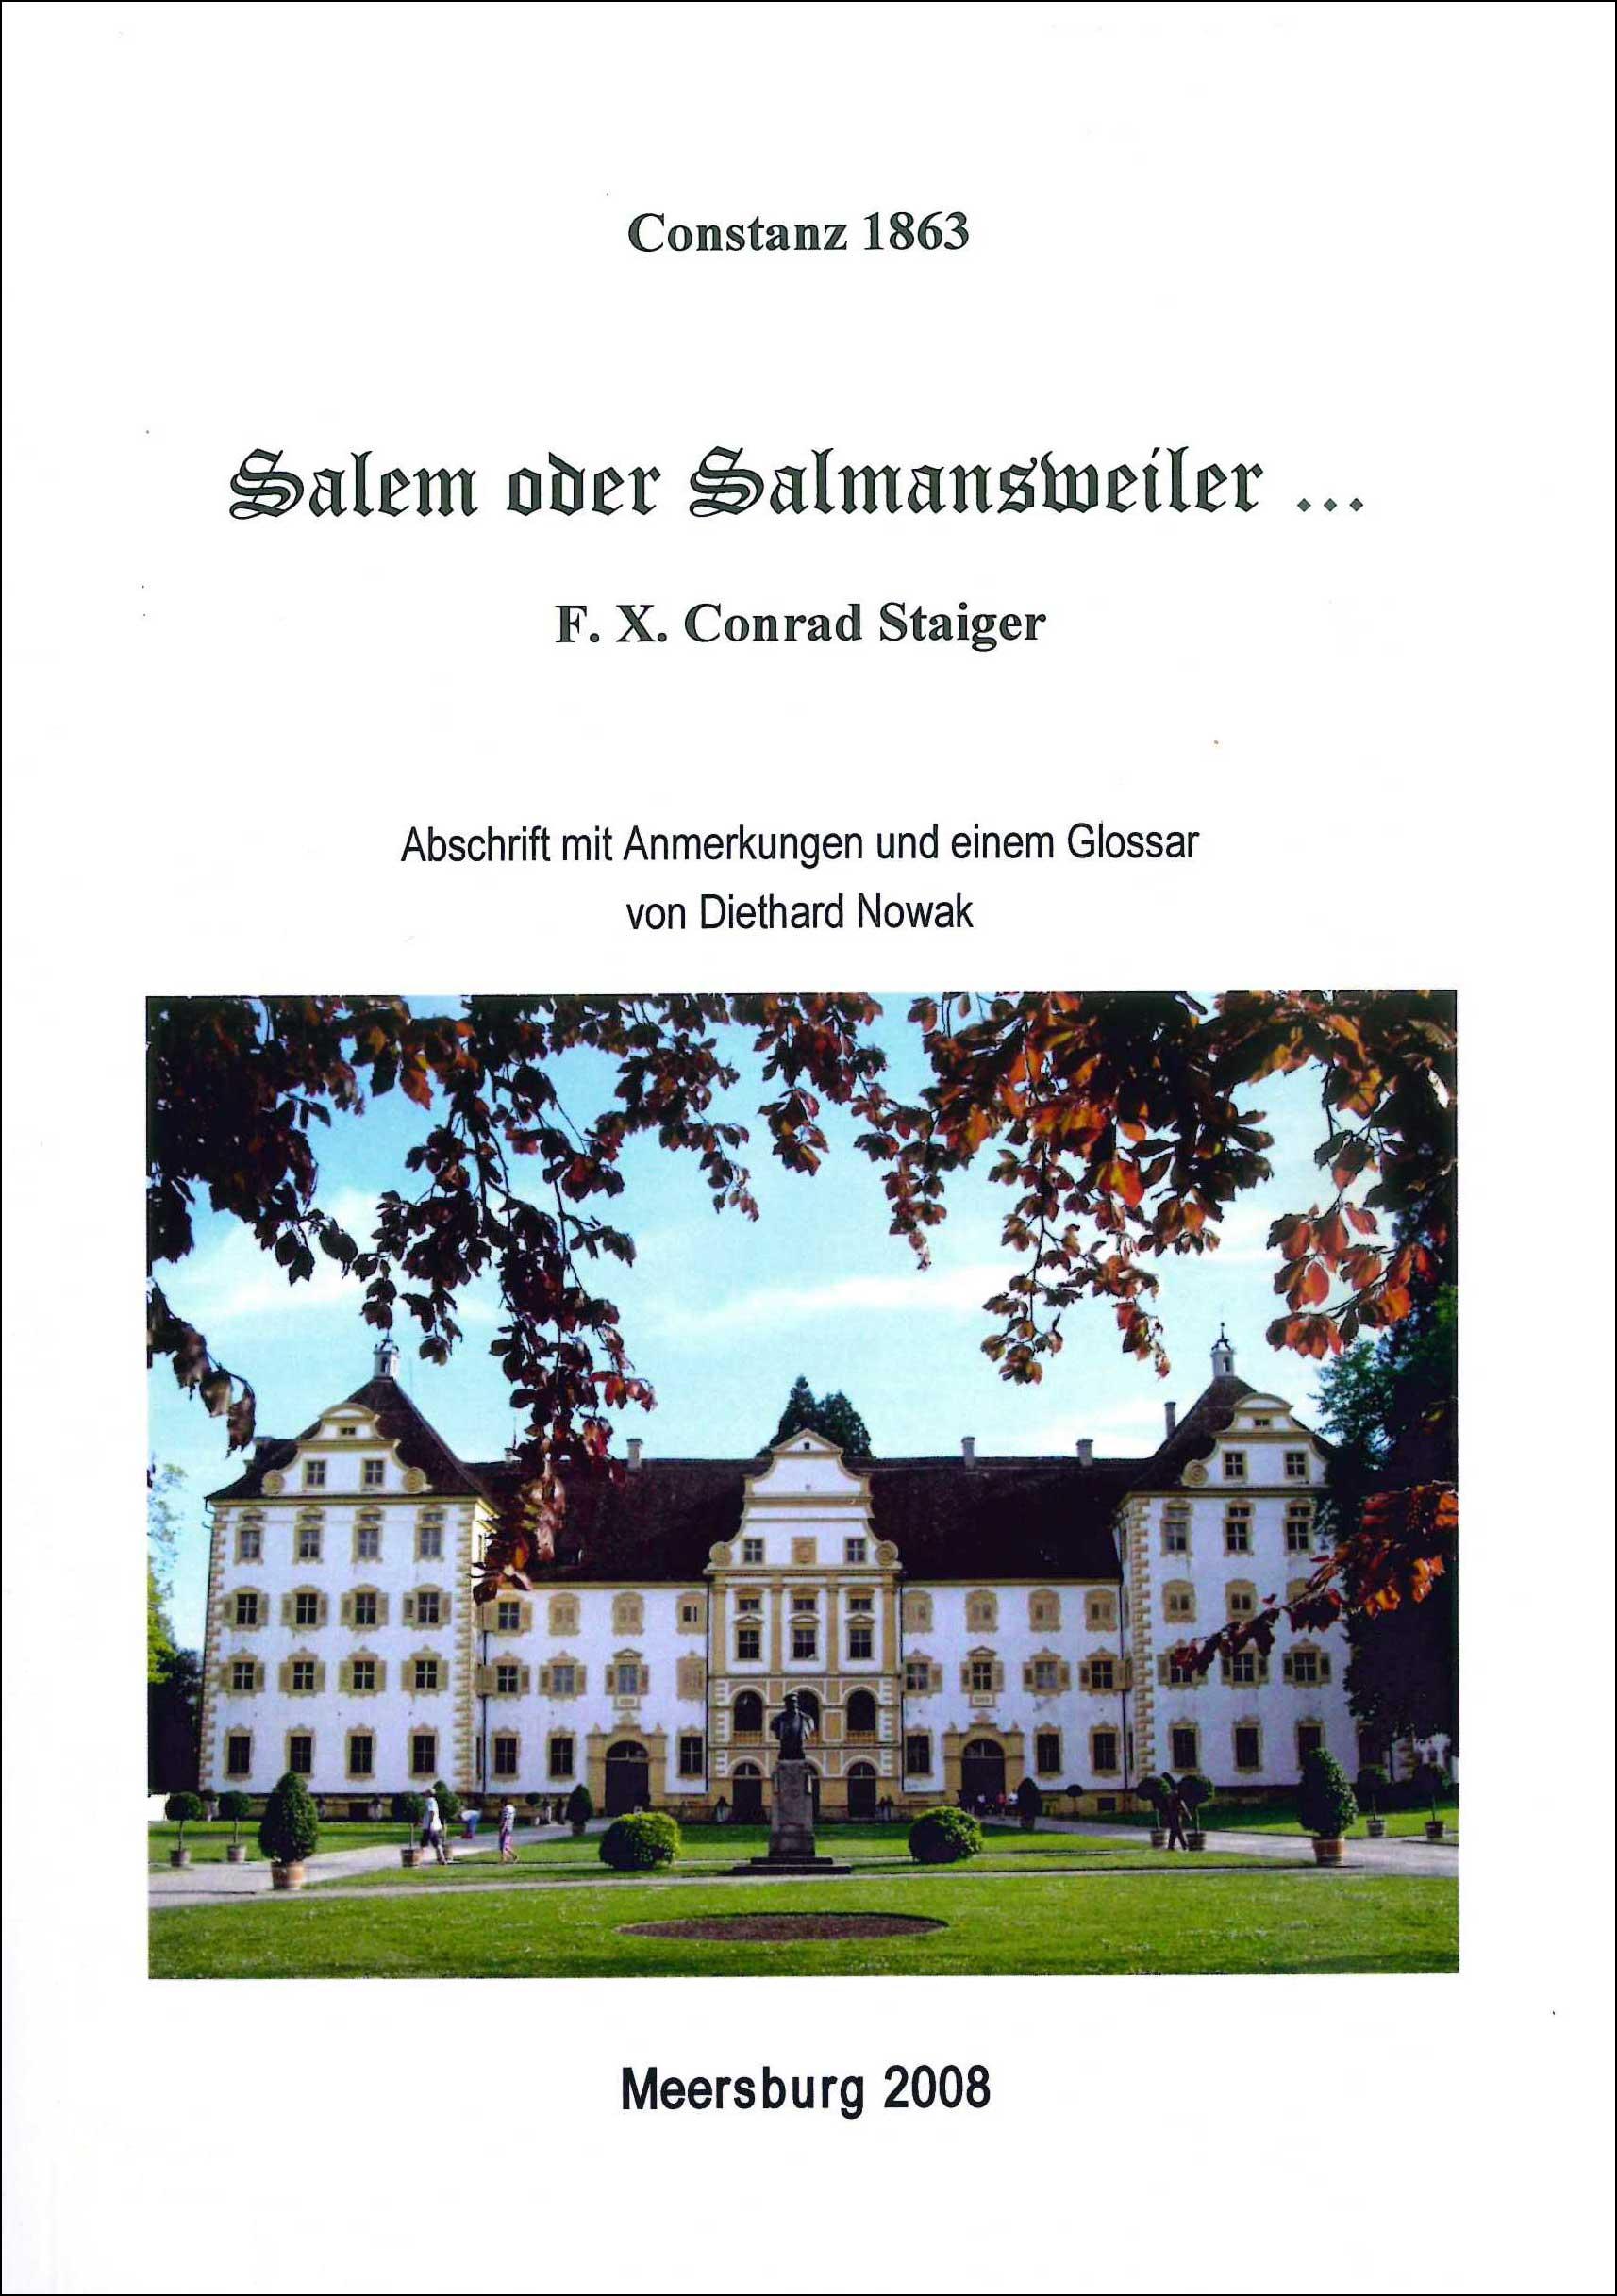 Salem-oder-Salmansweiler